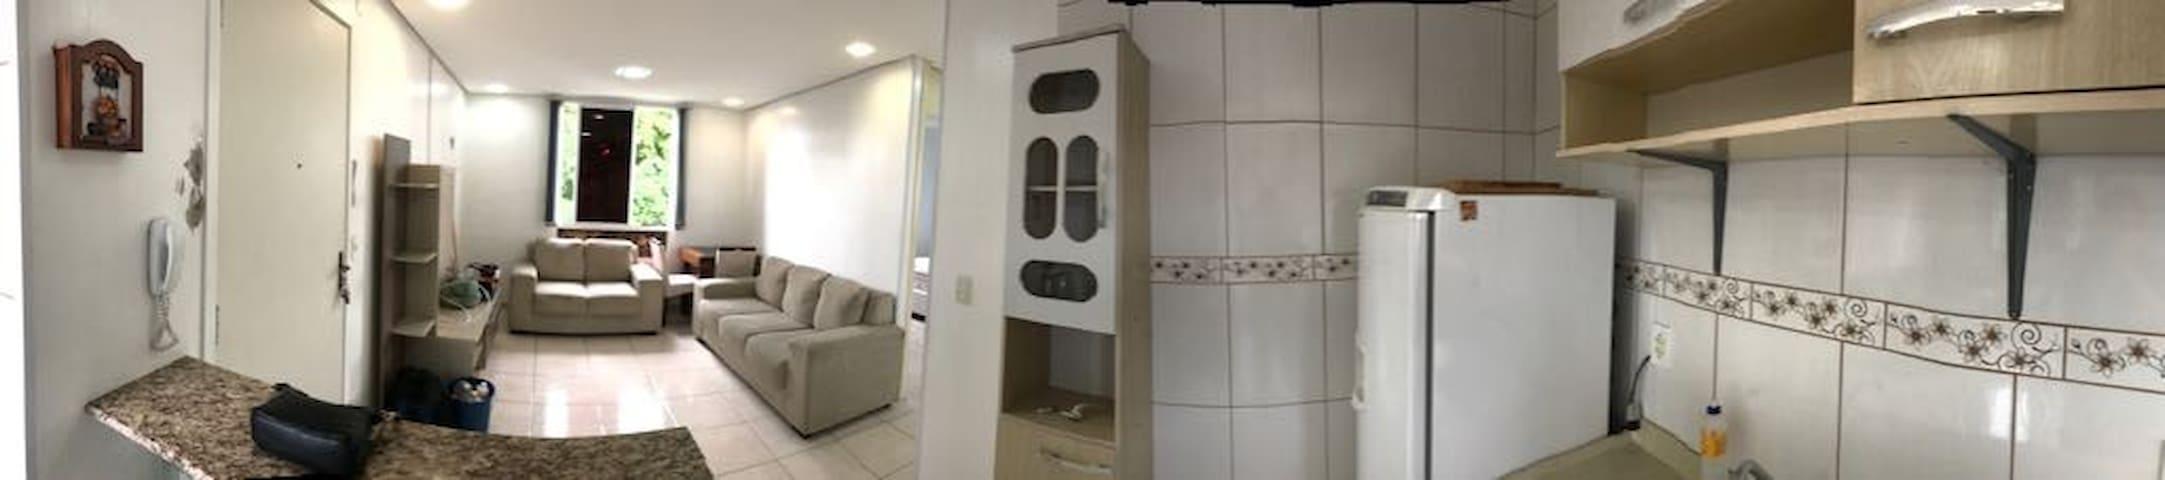 Nosso Apê - Esteio - Apartment